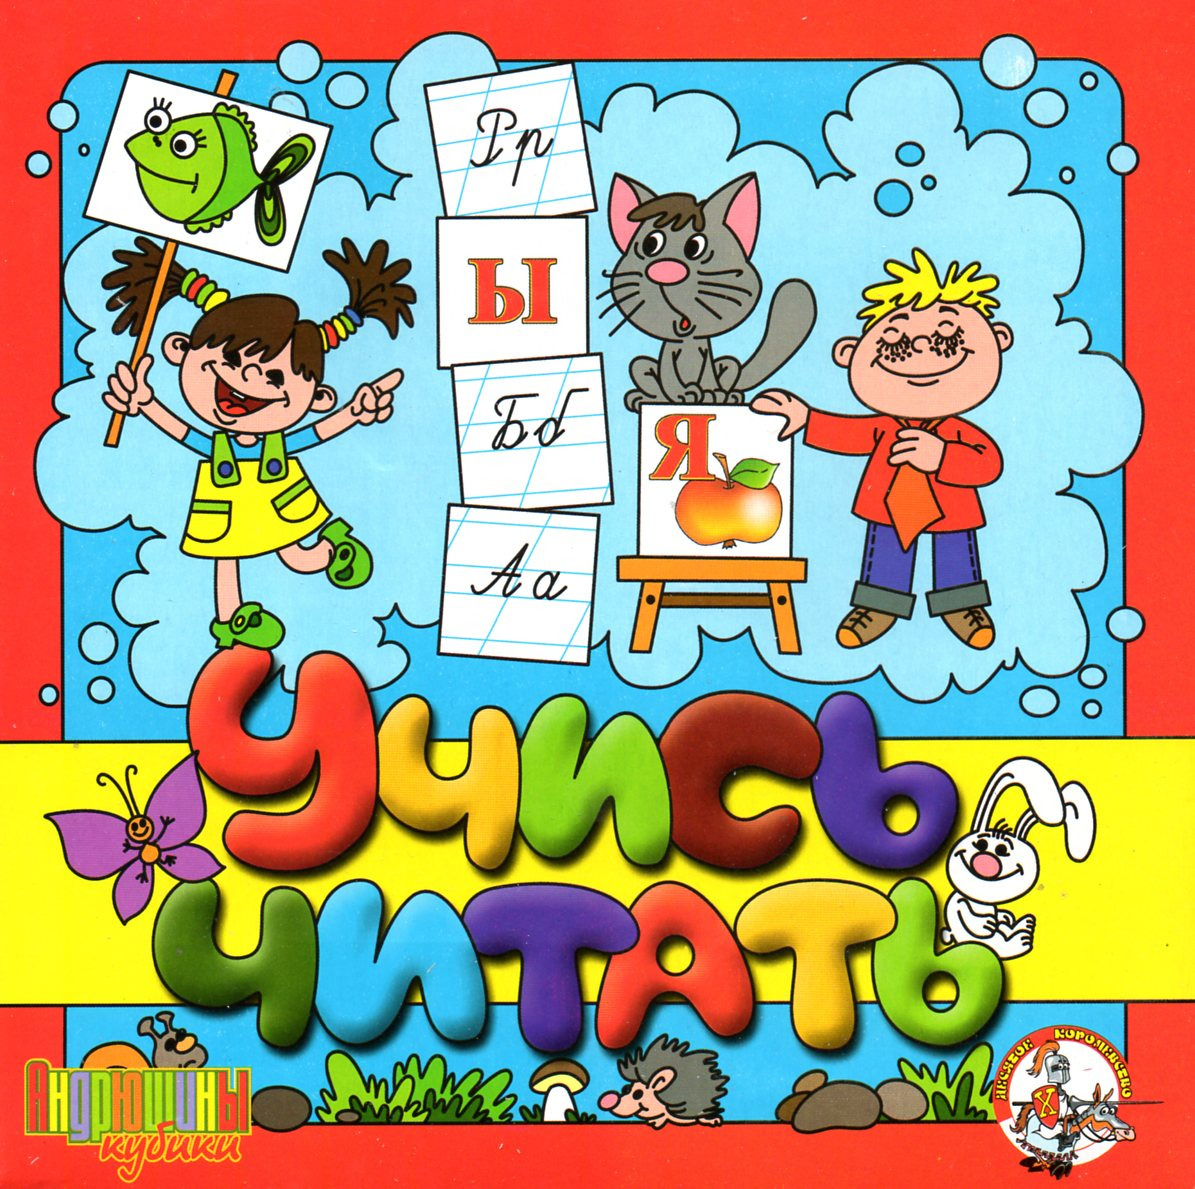 uchimsya-chitat-igraya-desyatoe-korolevstvo